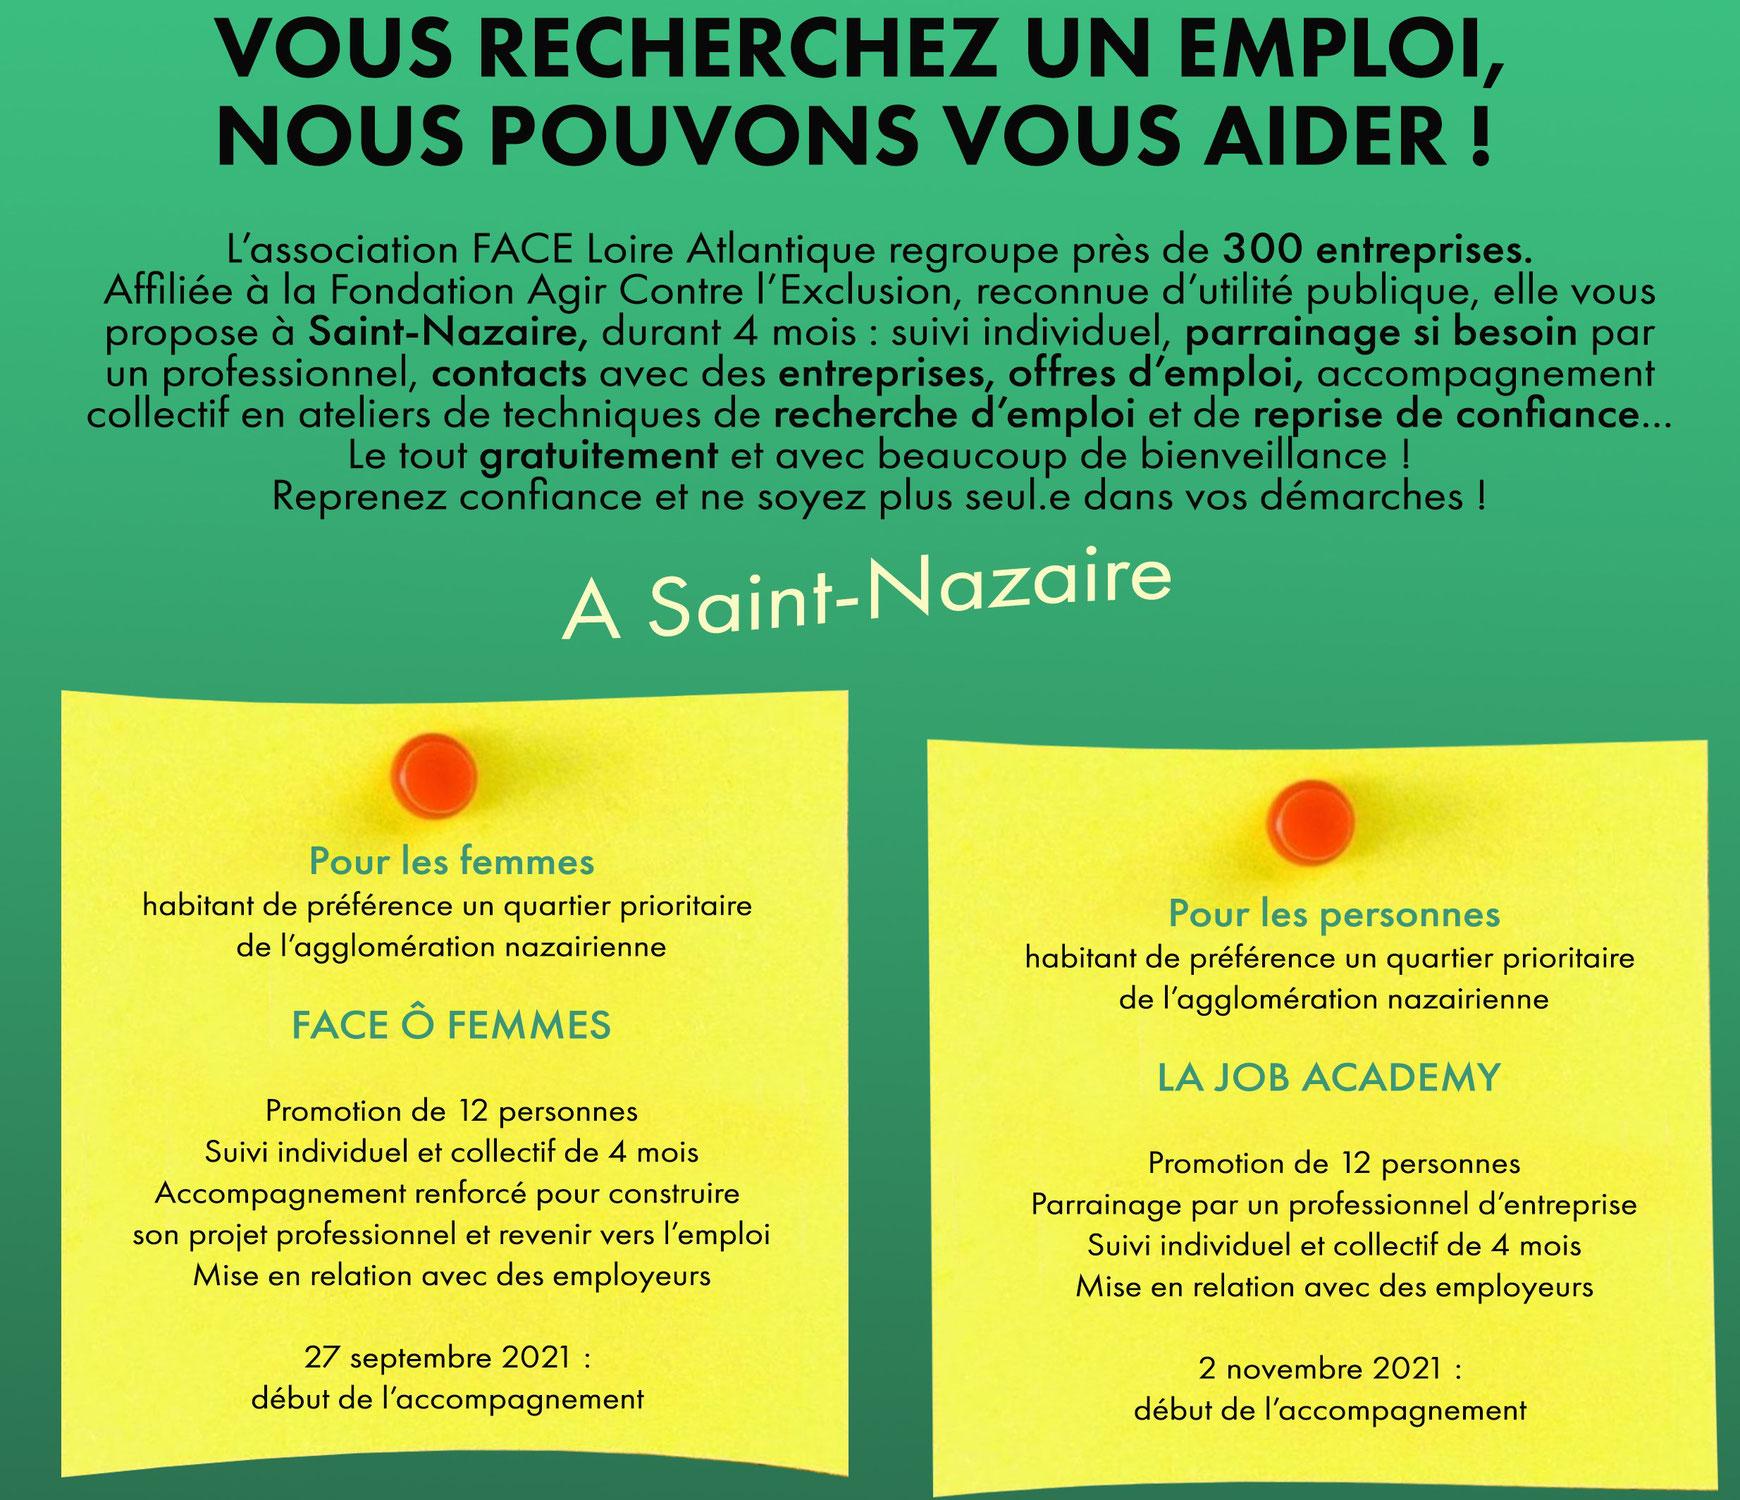 Vous êtes en recherche d'emploi et habitez l'agglo nazairienne, nous pouvons vous aider !